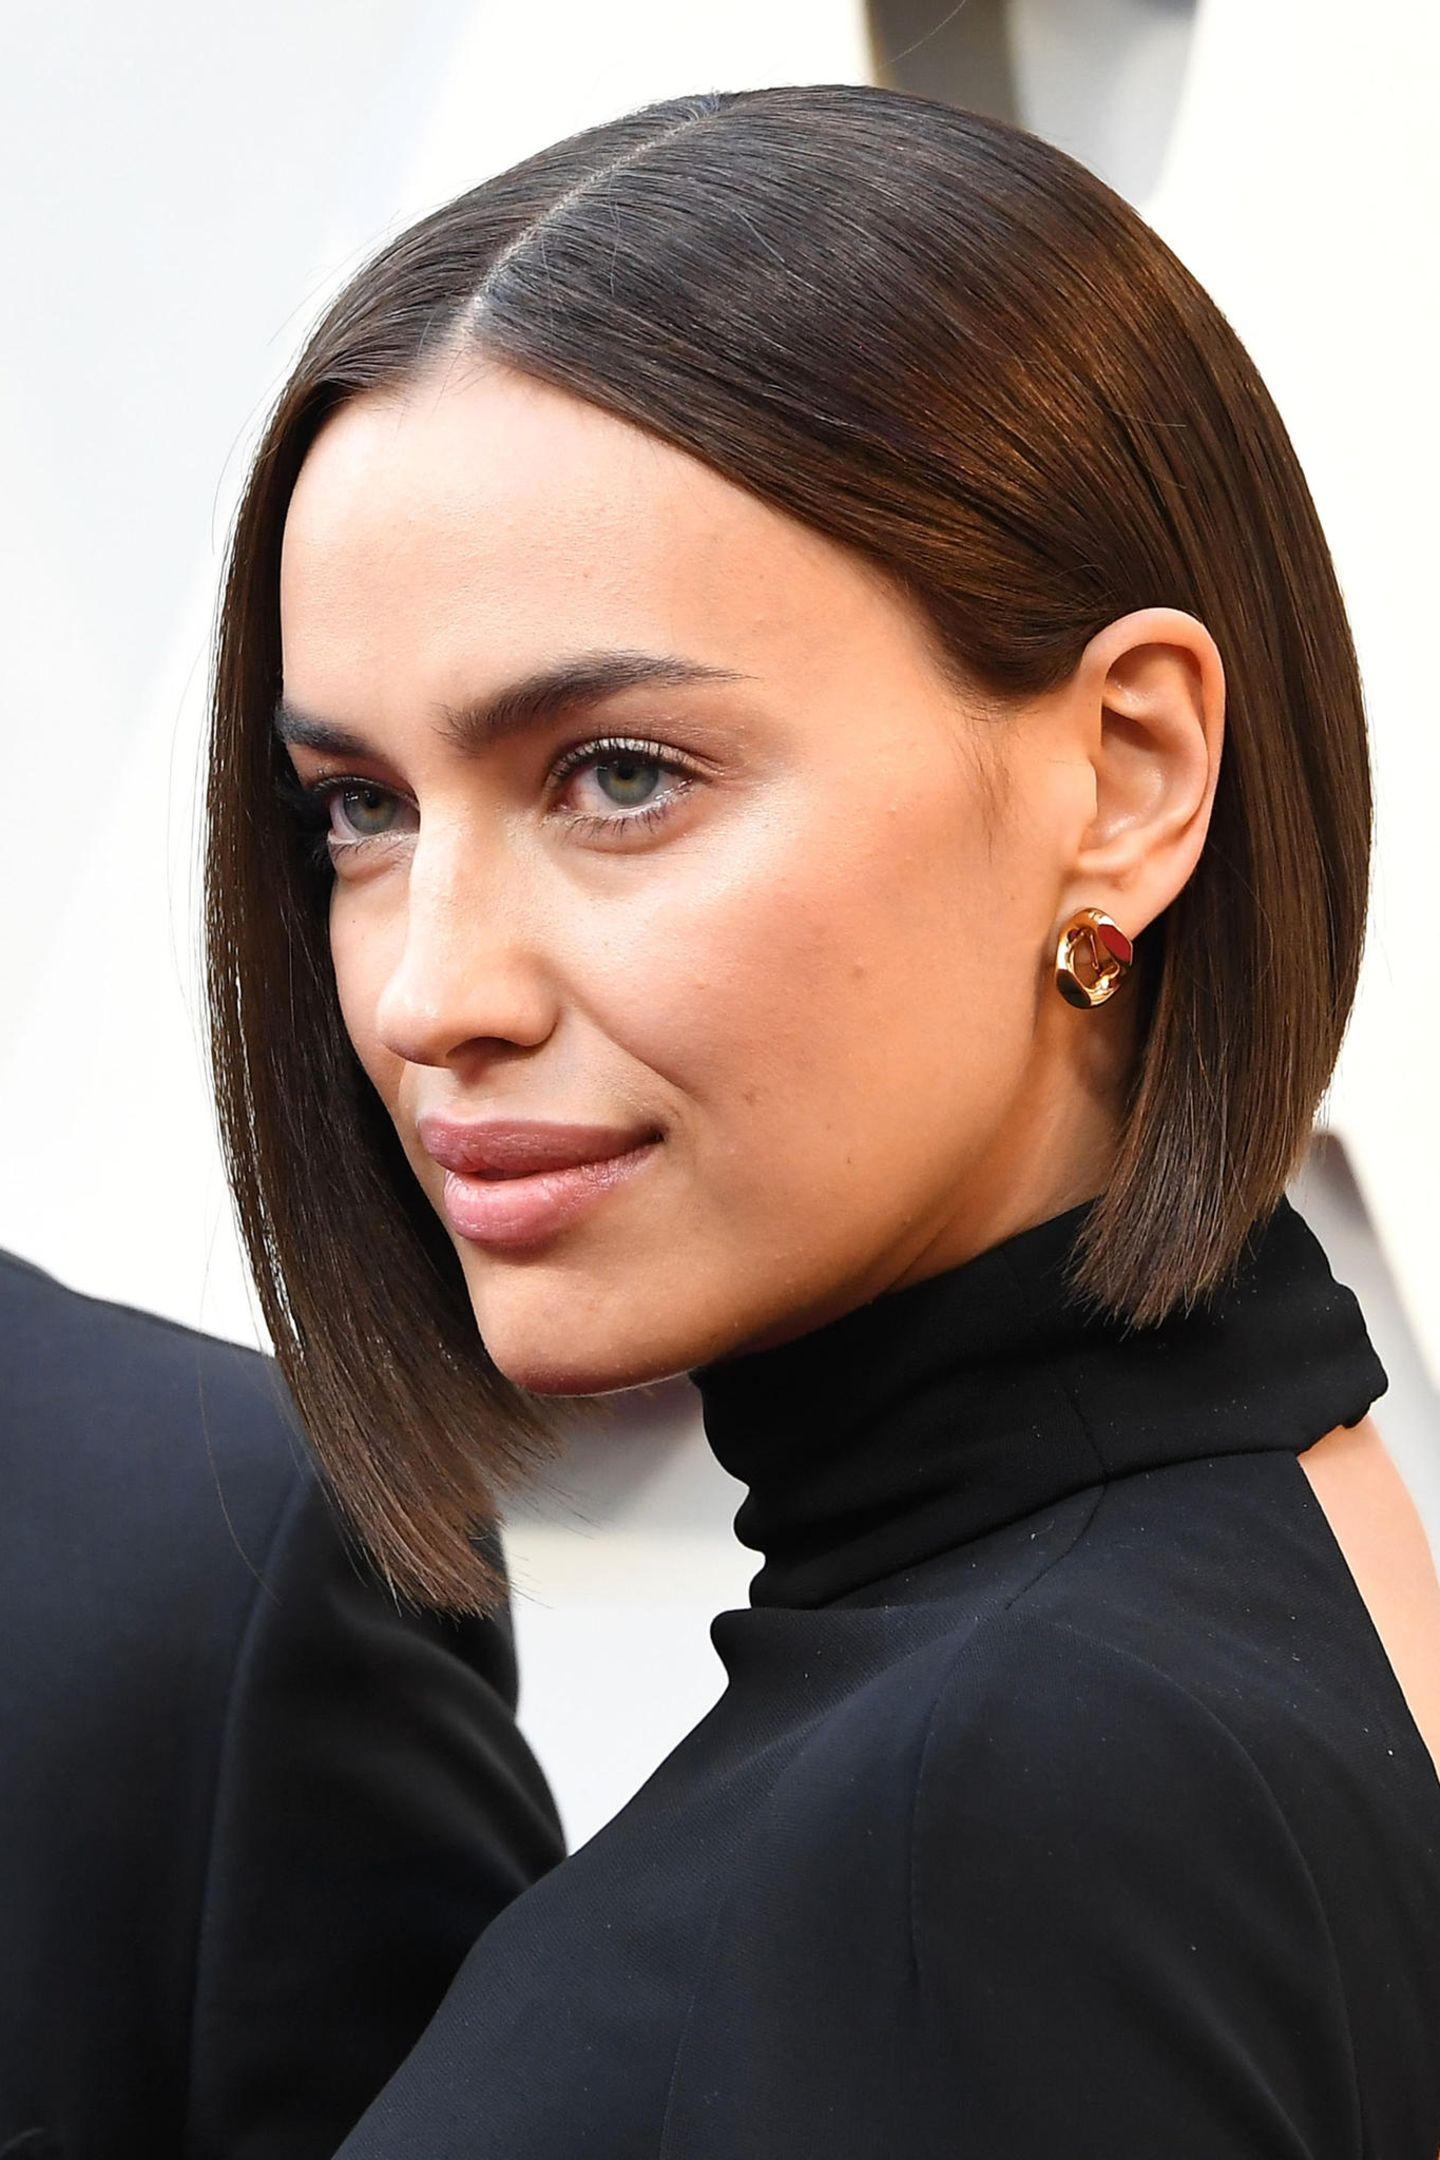 Einen ganz ähnlichen Schnitt präsentiert auch Irina Shayk. Ihr Bob wird am Hinterkopf etwas kürzer, sodass eine schräge Linie entsteht.